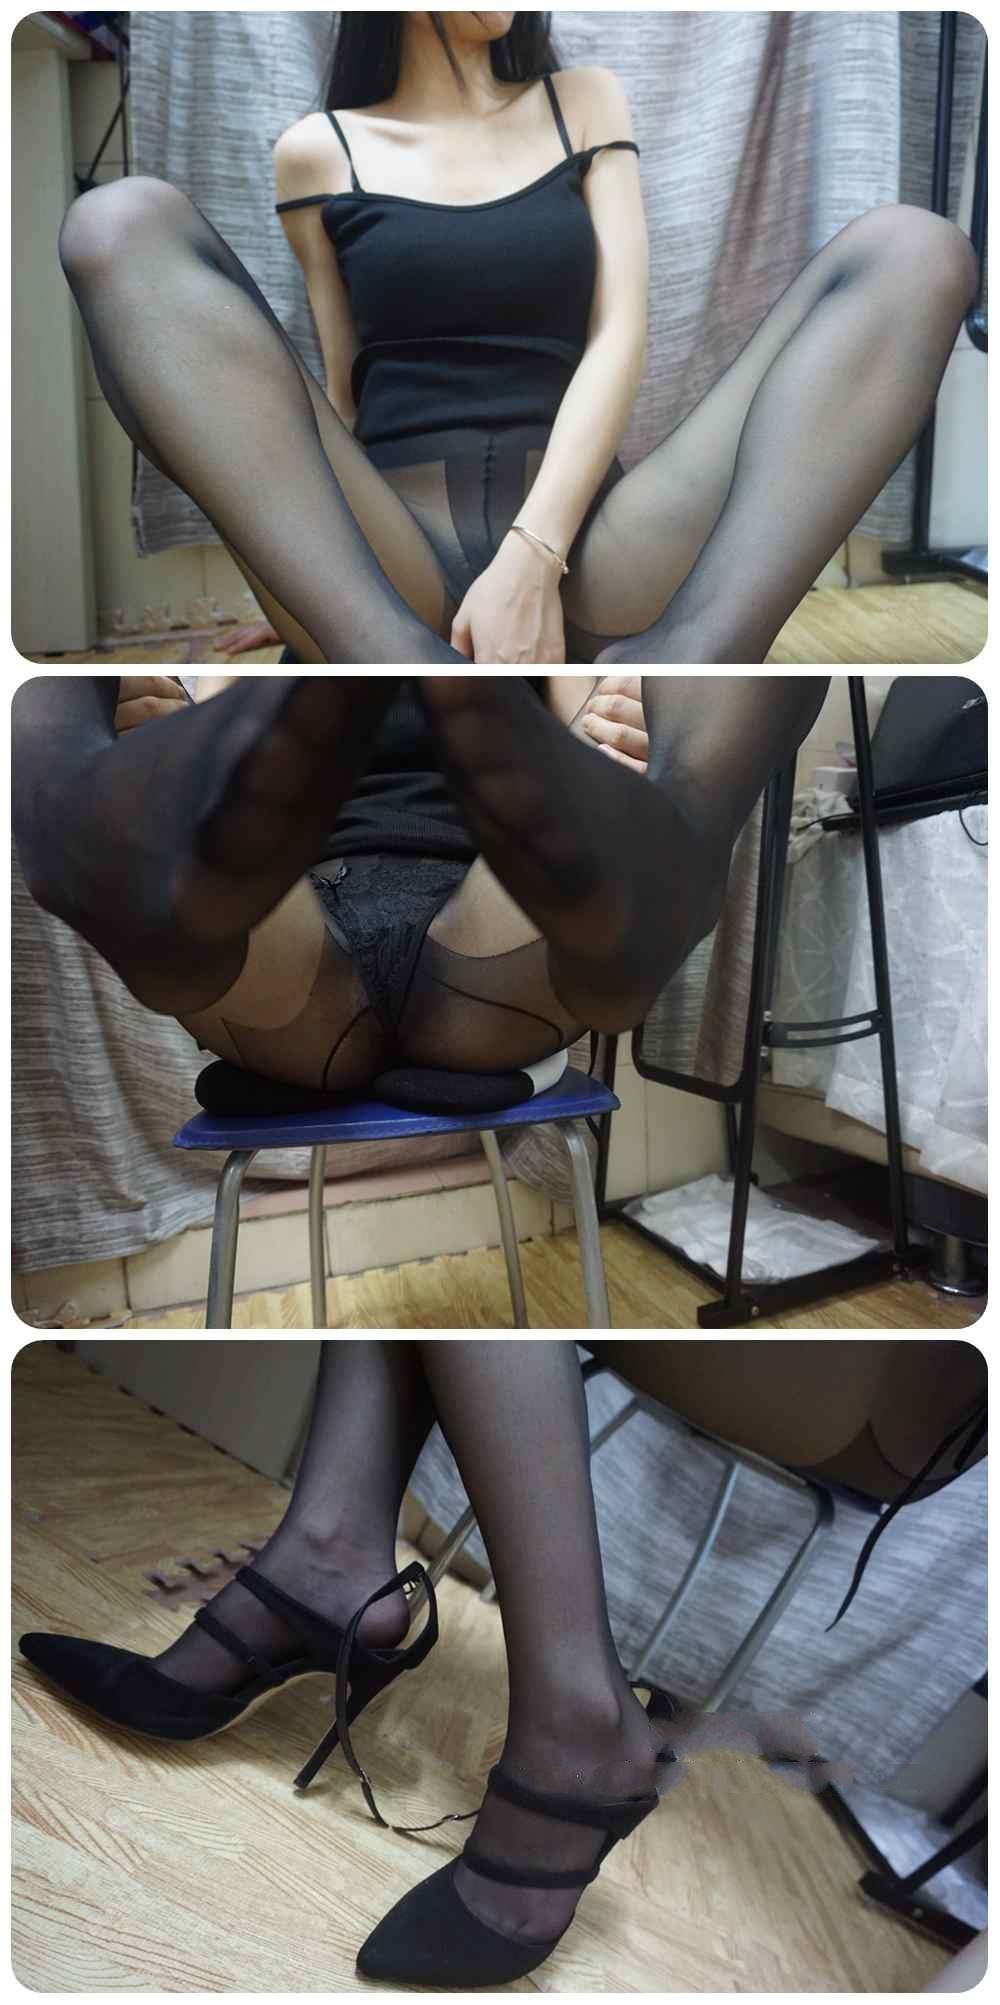 宛如福利 - 黑丝美臀长腿系列(53P+5V/327MB)